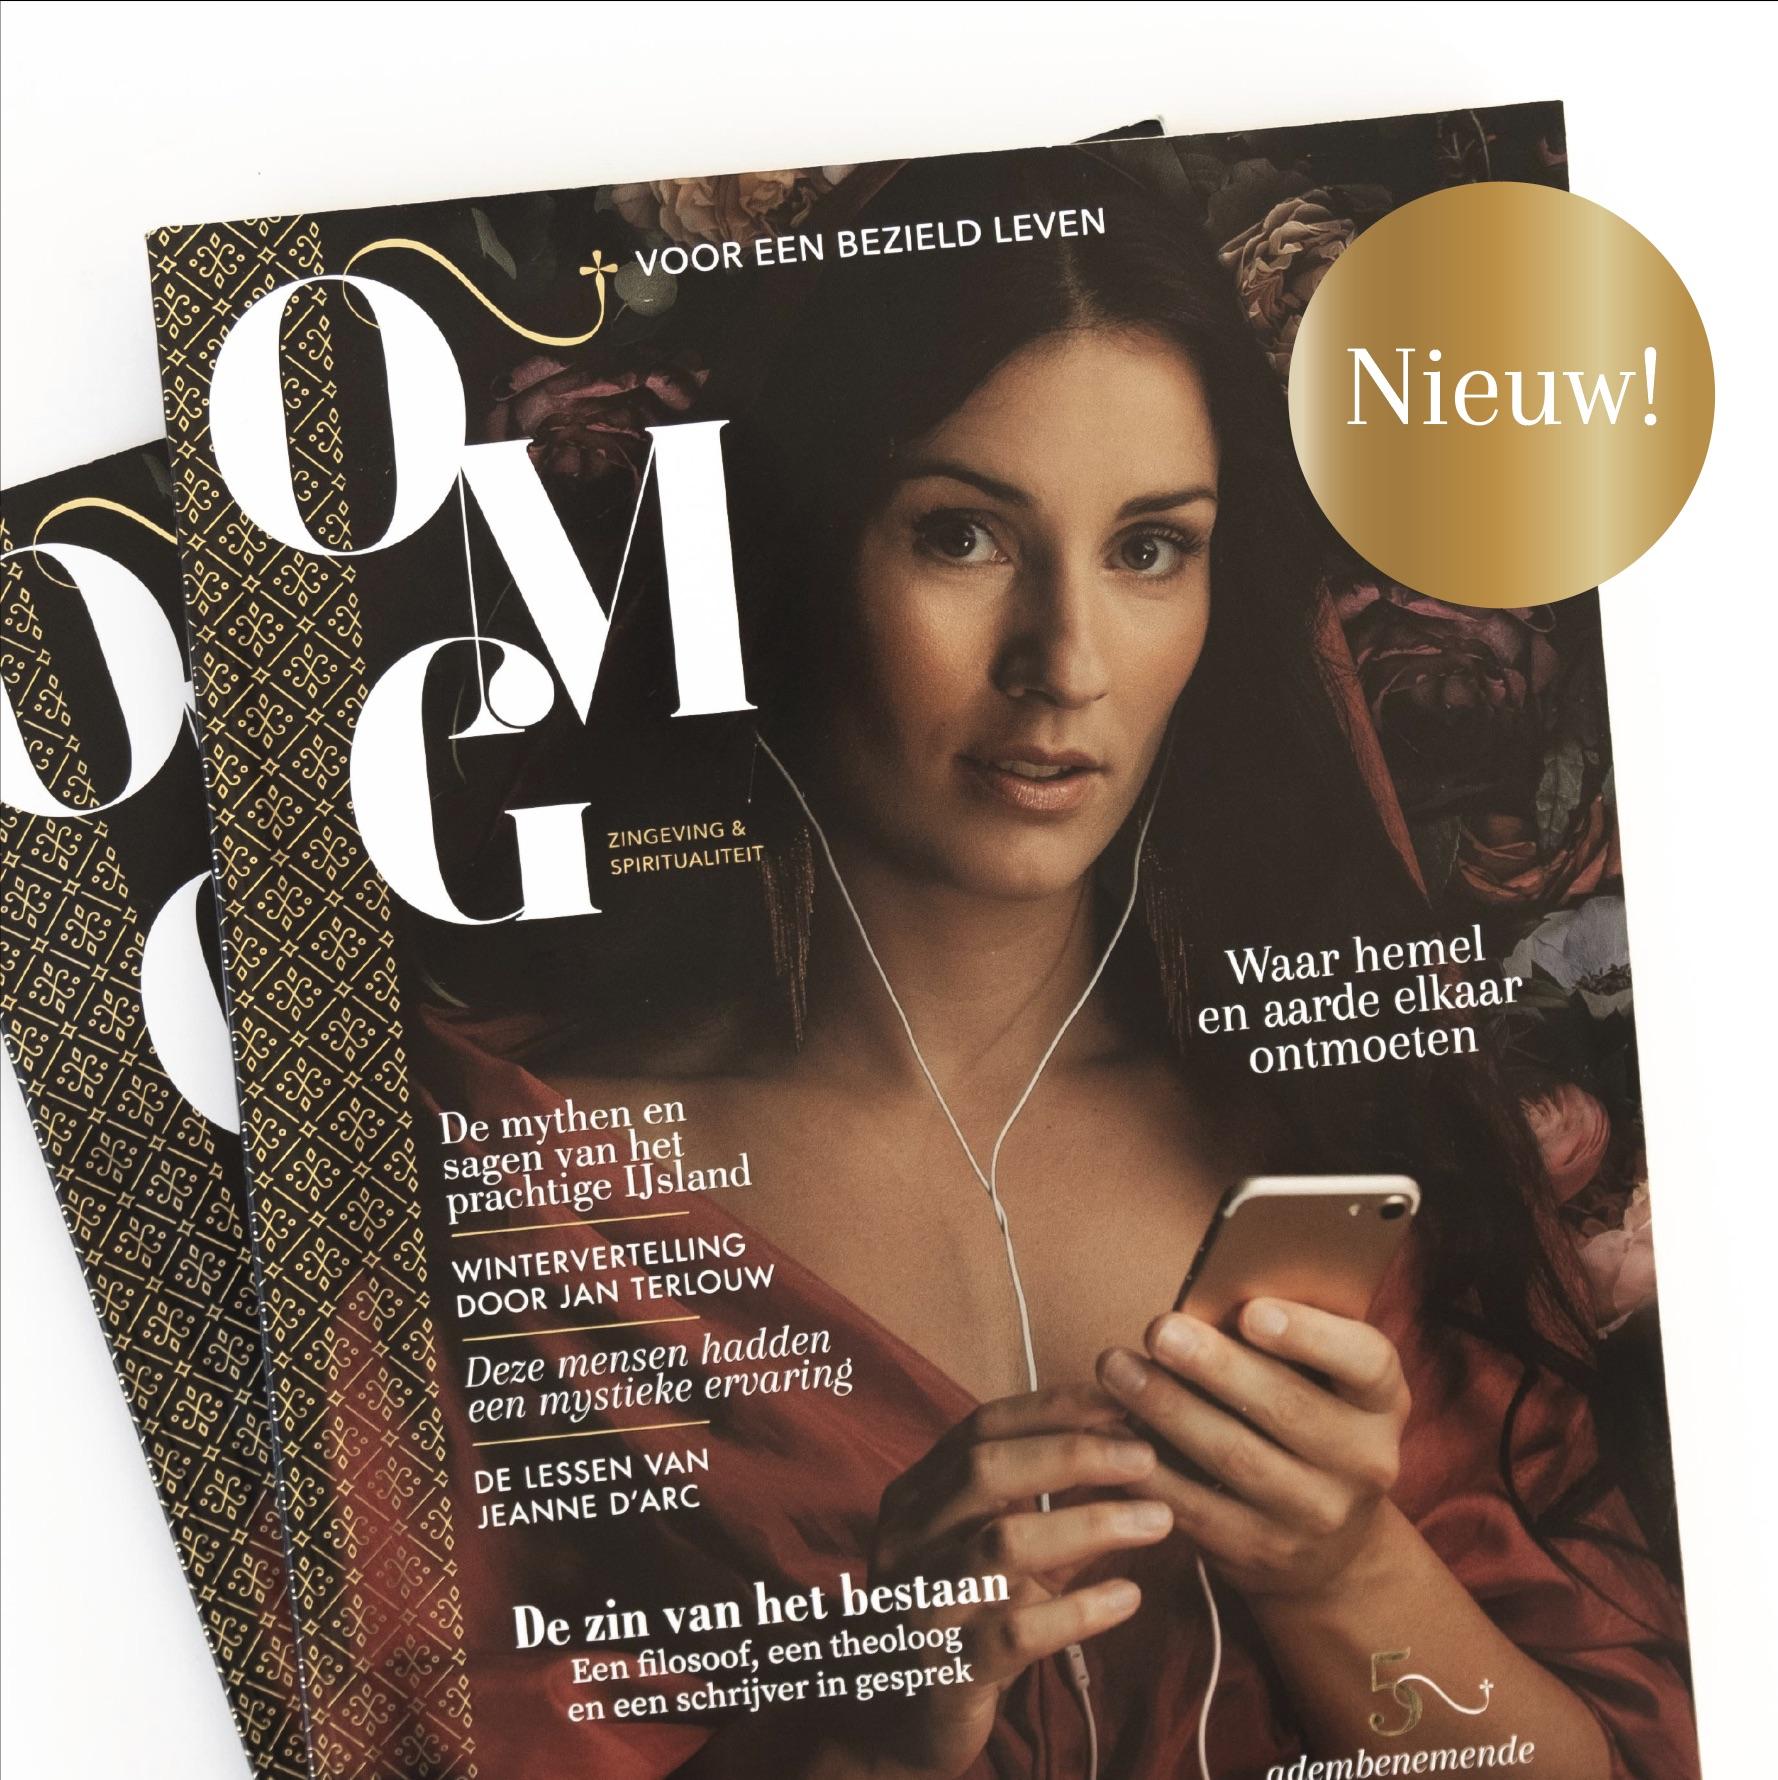 OMG Magazine - Cover - Other Me God - Voor een bezield leven - Spiritualiteit en zingeving NIeuw goud